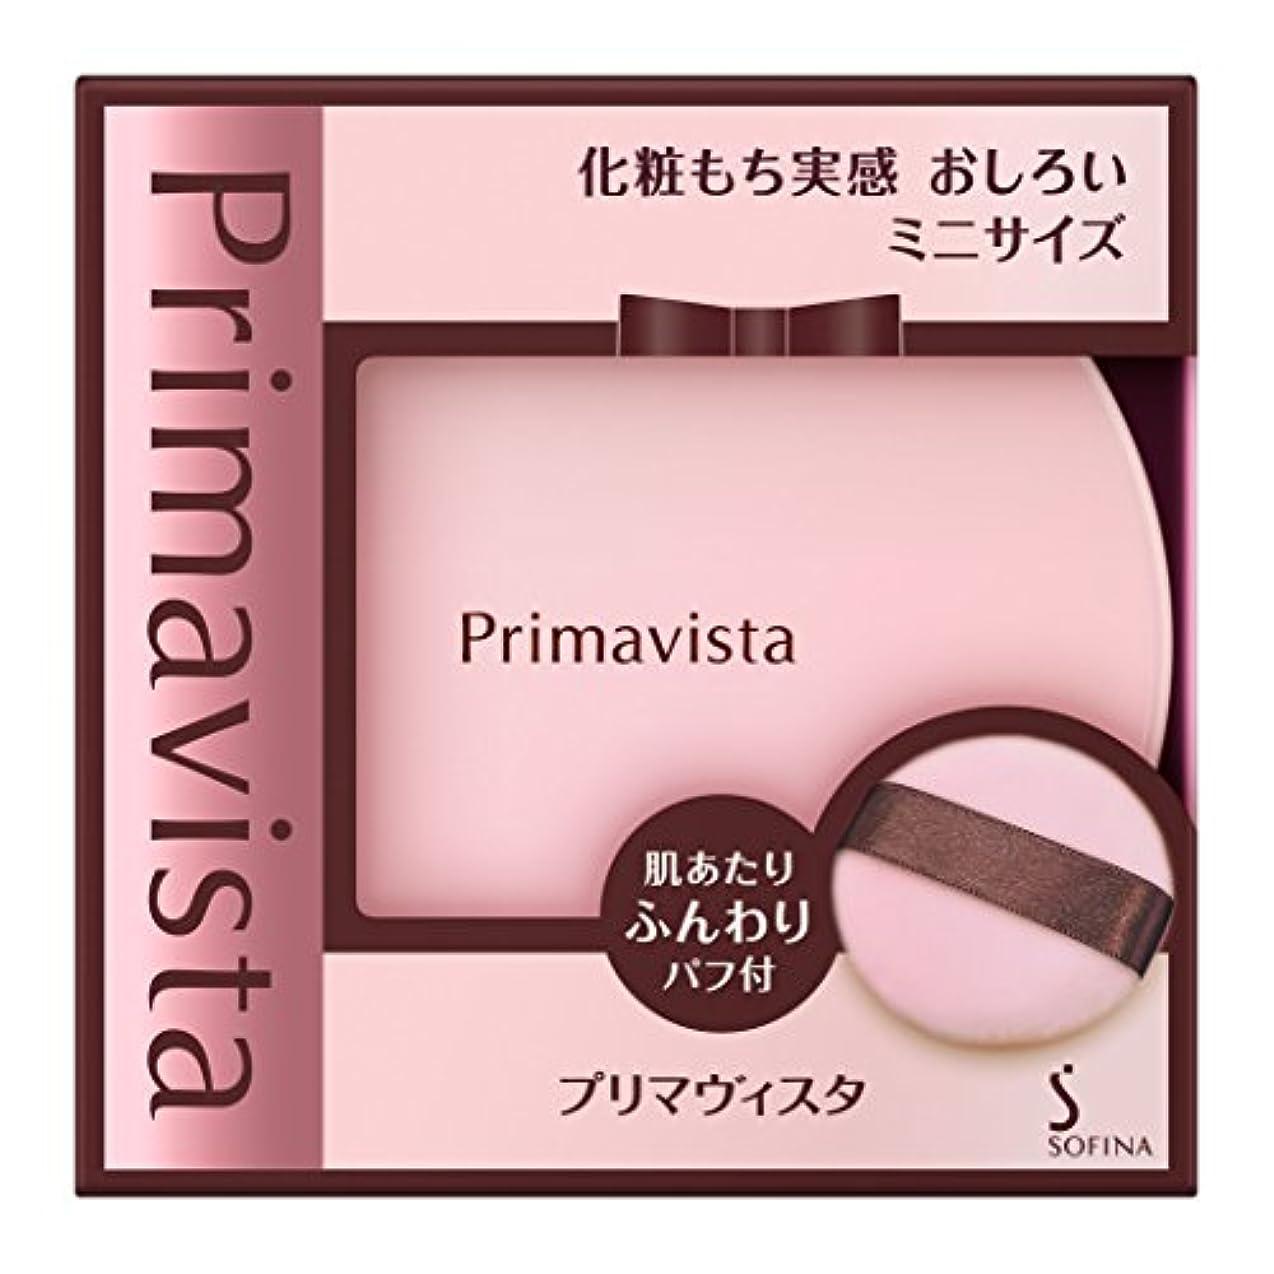 シンプトン正当化する目的プリマヴィスタ 化粧もち実感おしろい ミニサイズ 4.5g